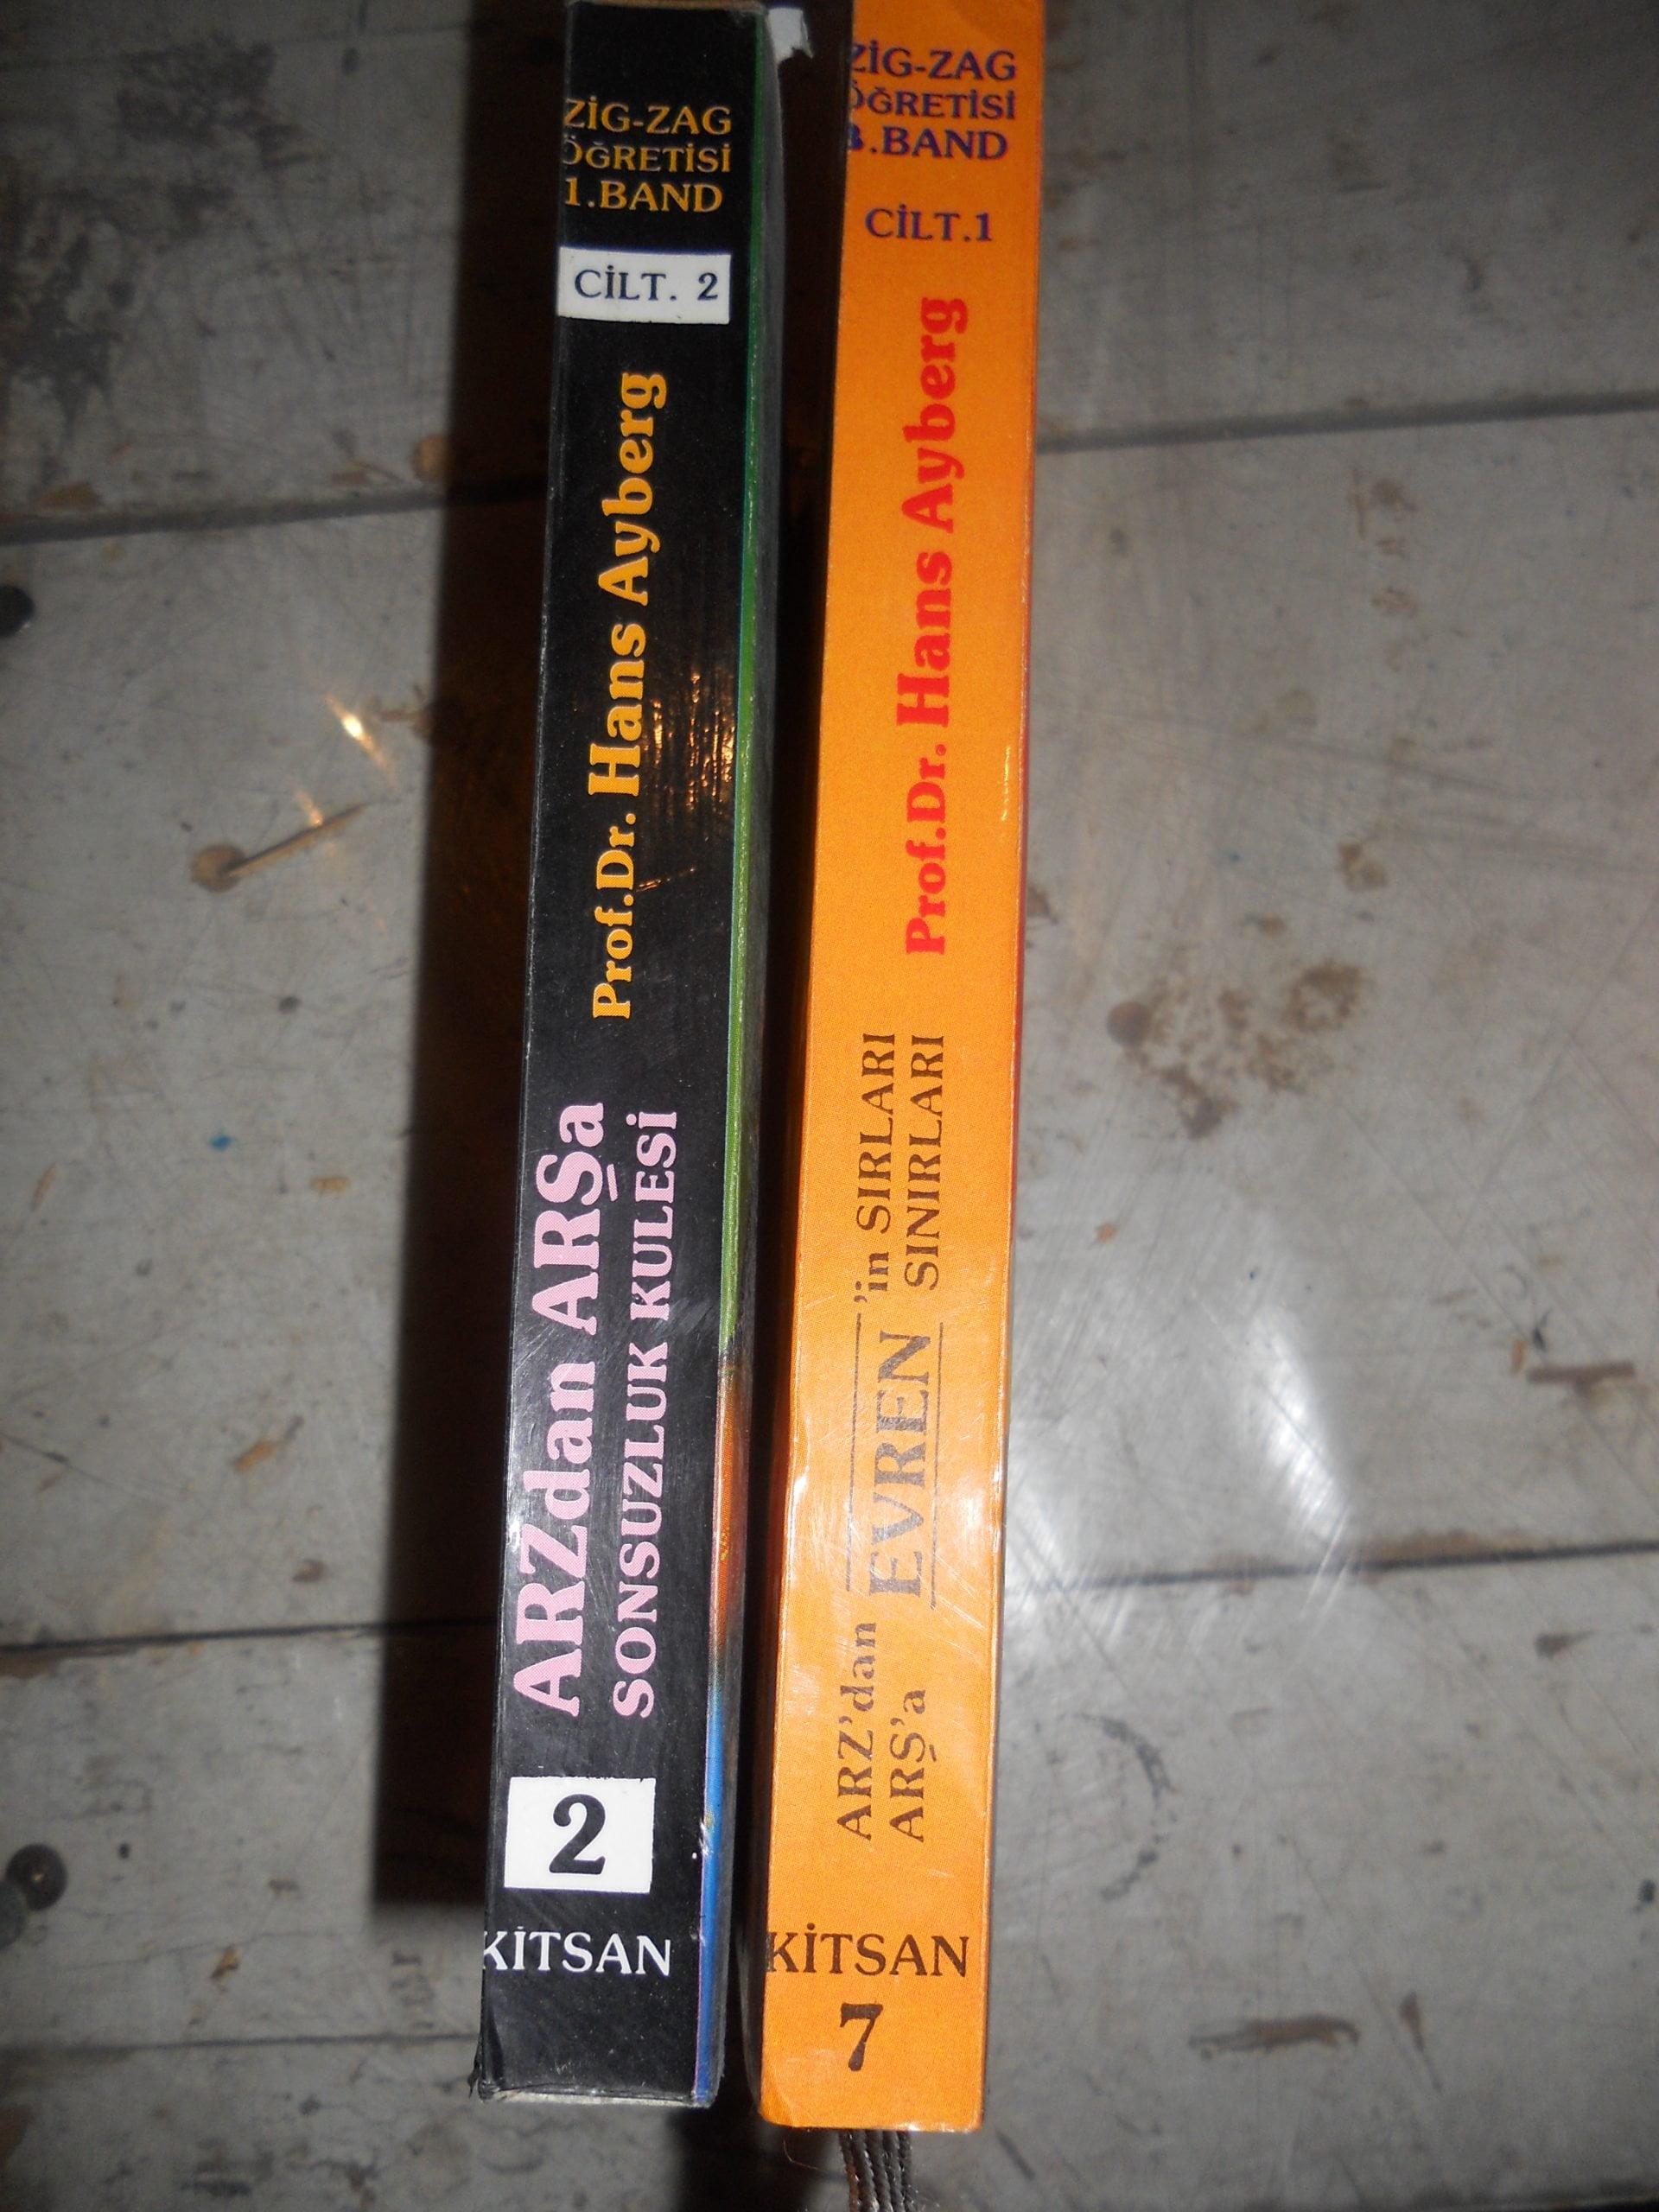 ARZ'DAN ARŞ'A SONSUZLUK KULESİ 1 ve ARZ'DAN ARŞ'A EVREN-2/Hans AİBERG(Bülent Ayberk)/ İki kitp Toplam 25 tl